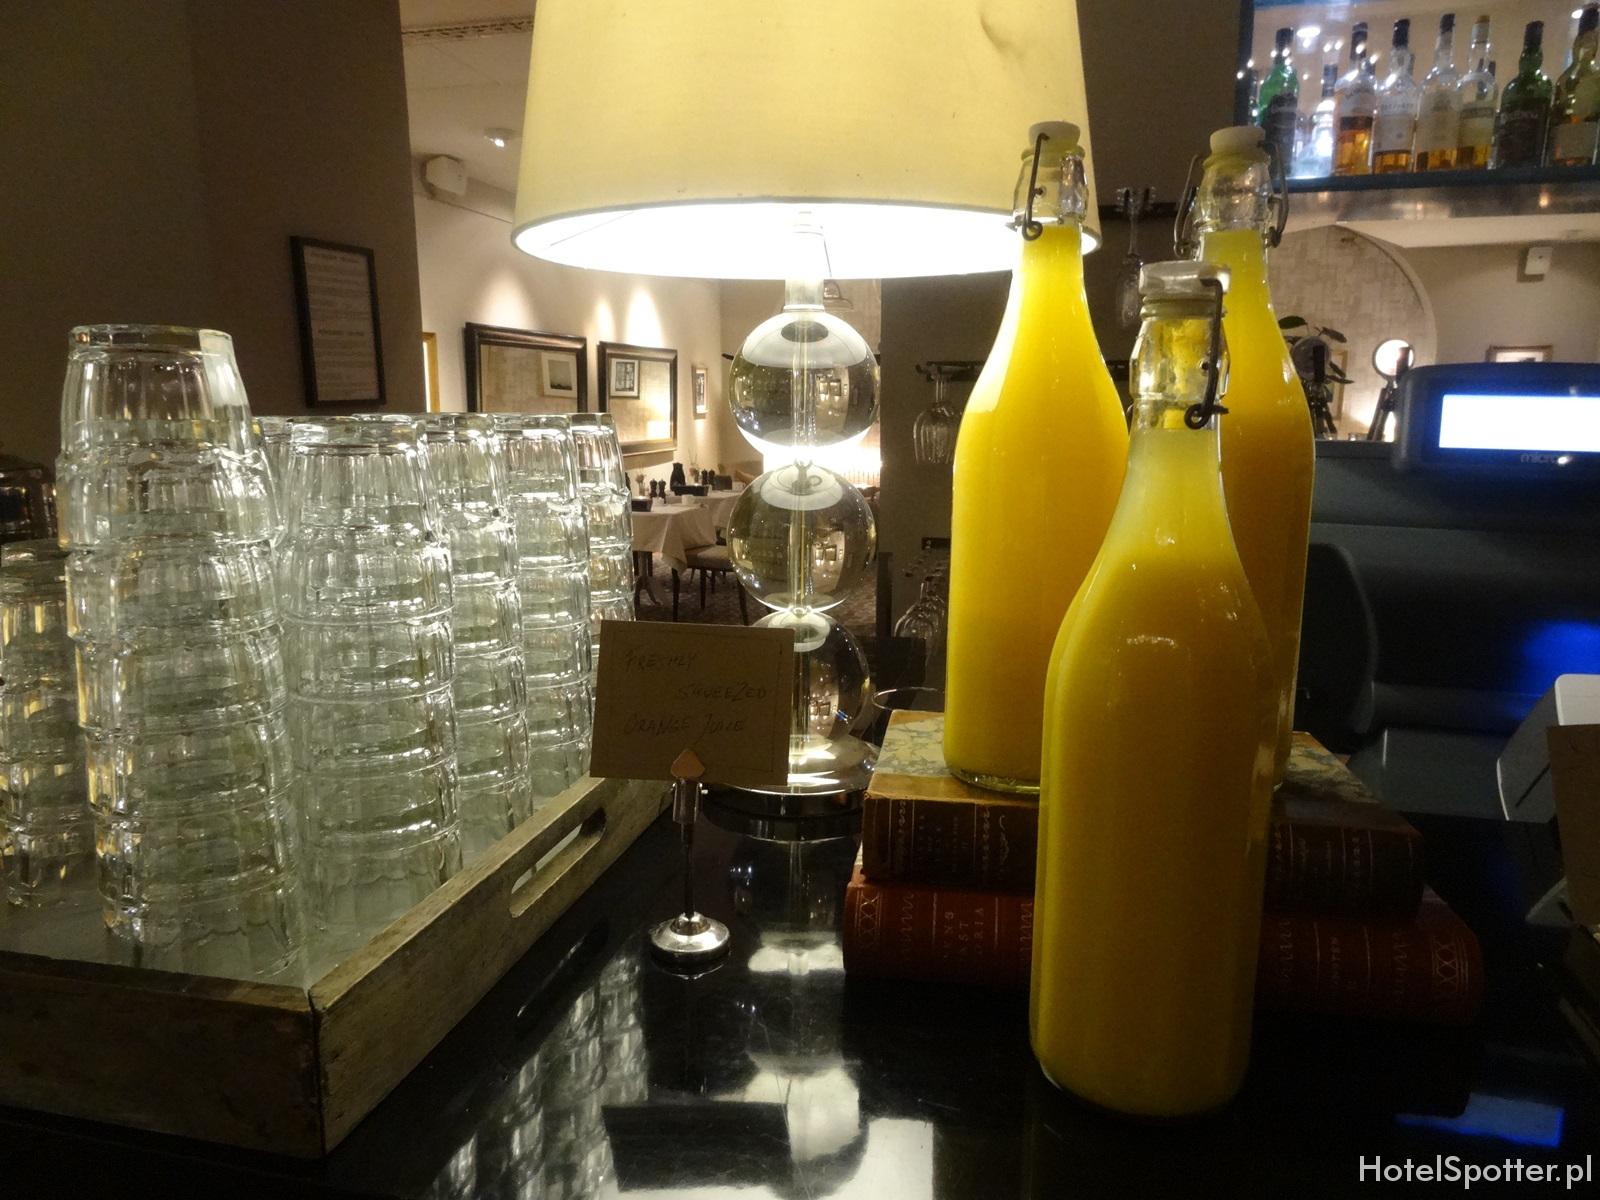 Radisson Blu Strand Hotel, Stockholm - swieze wyciskane soki